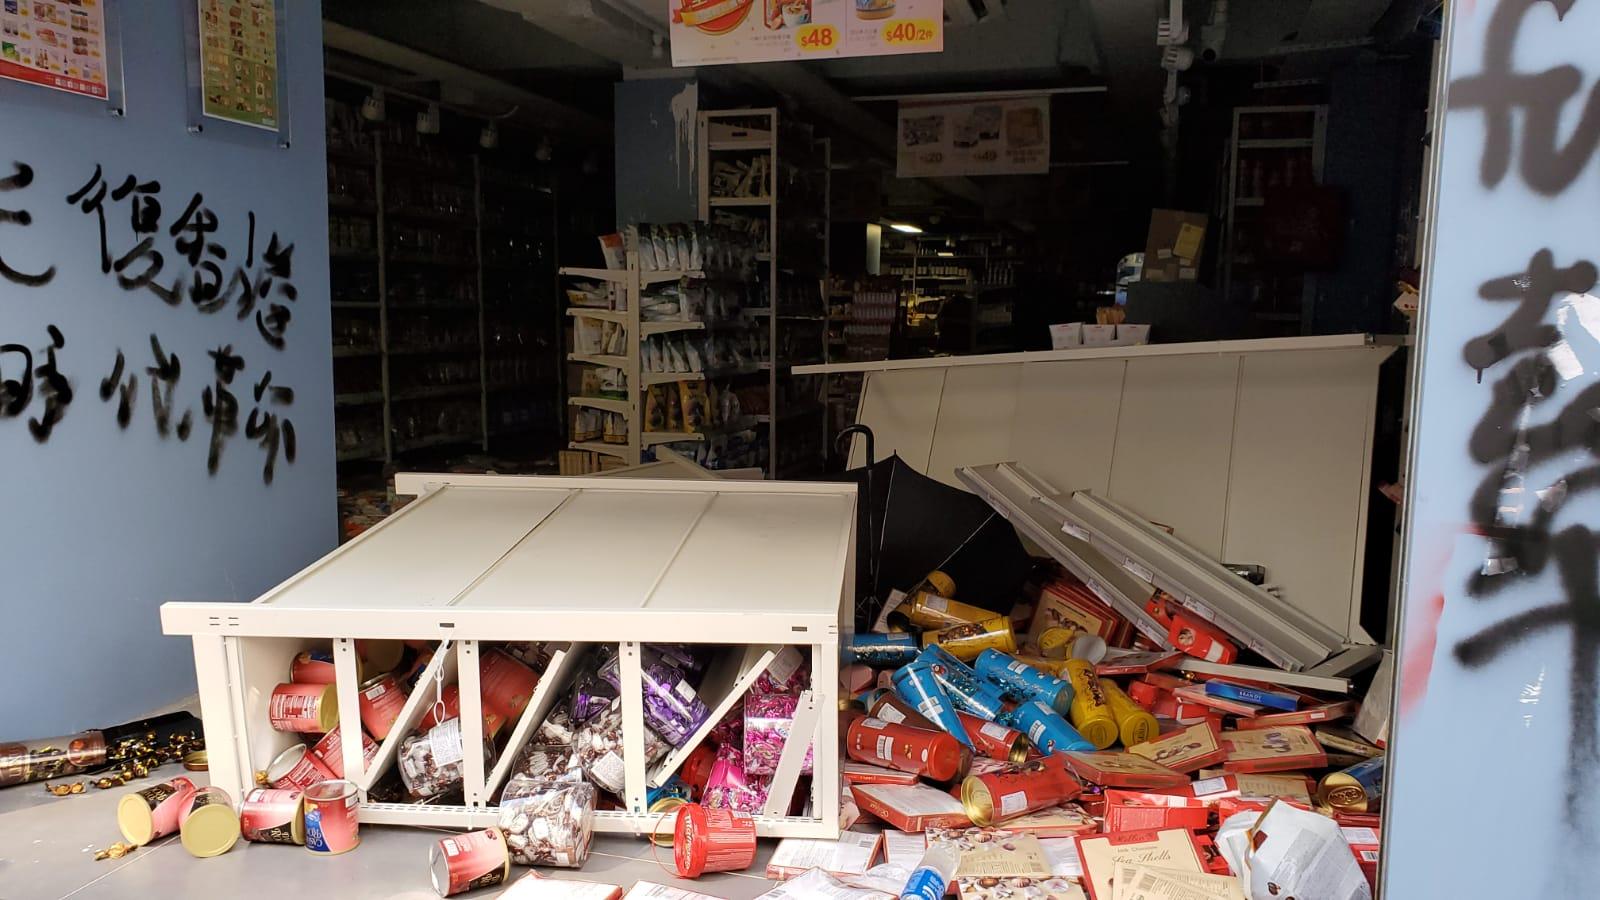 貨架被推倒,貨物散落一地。